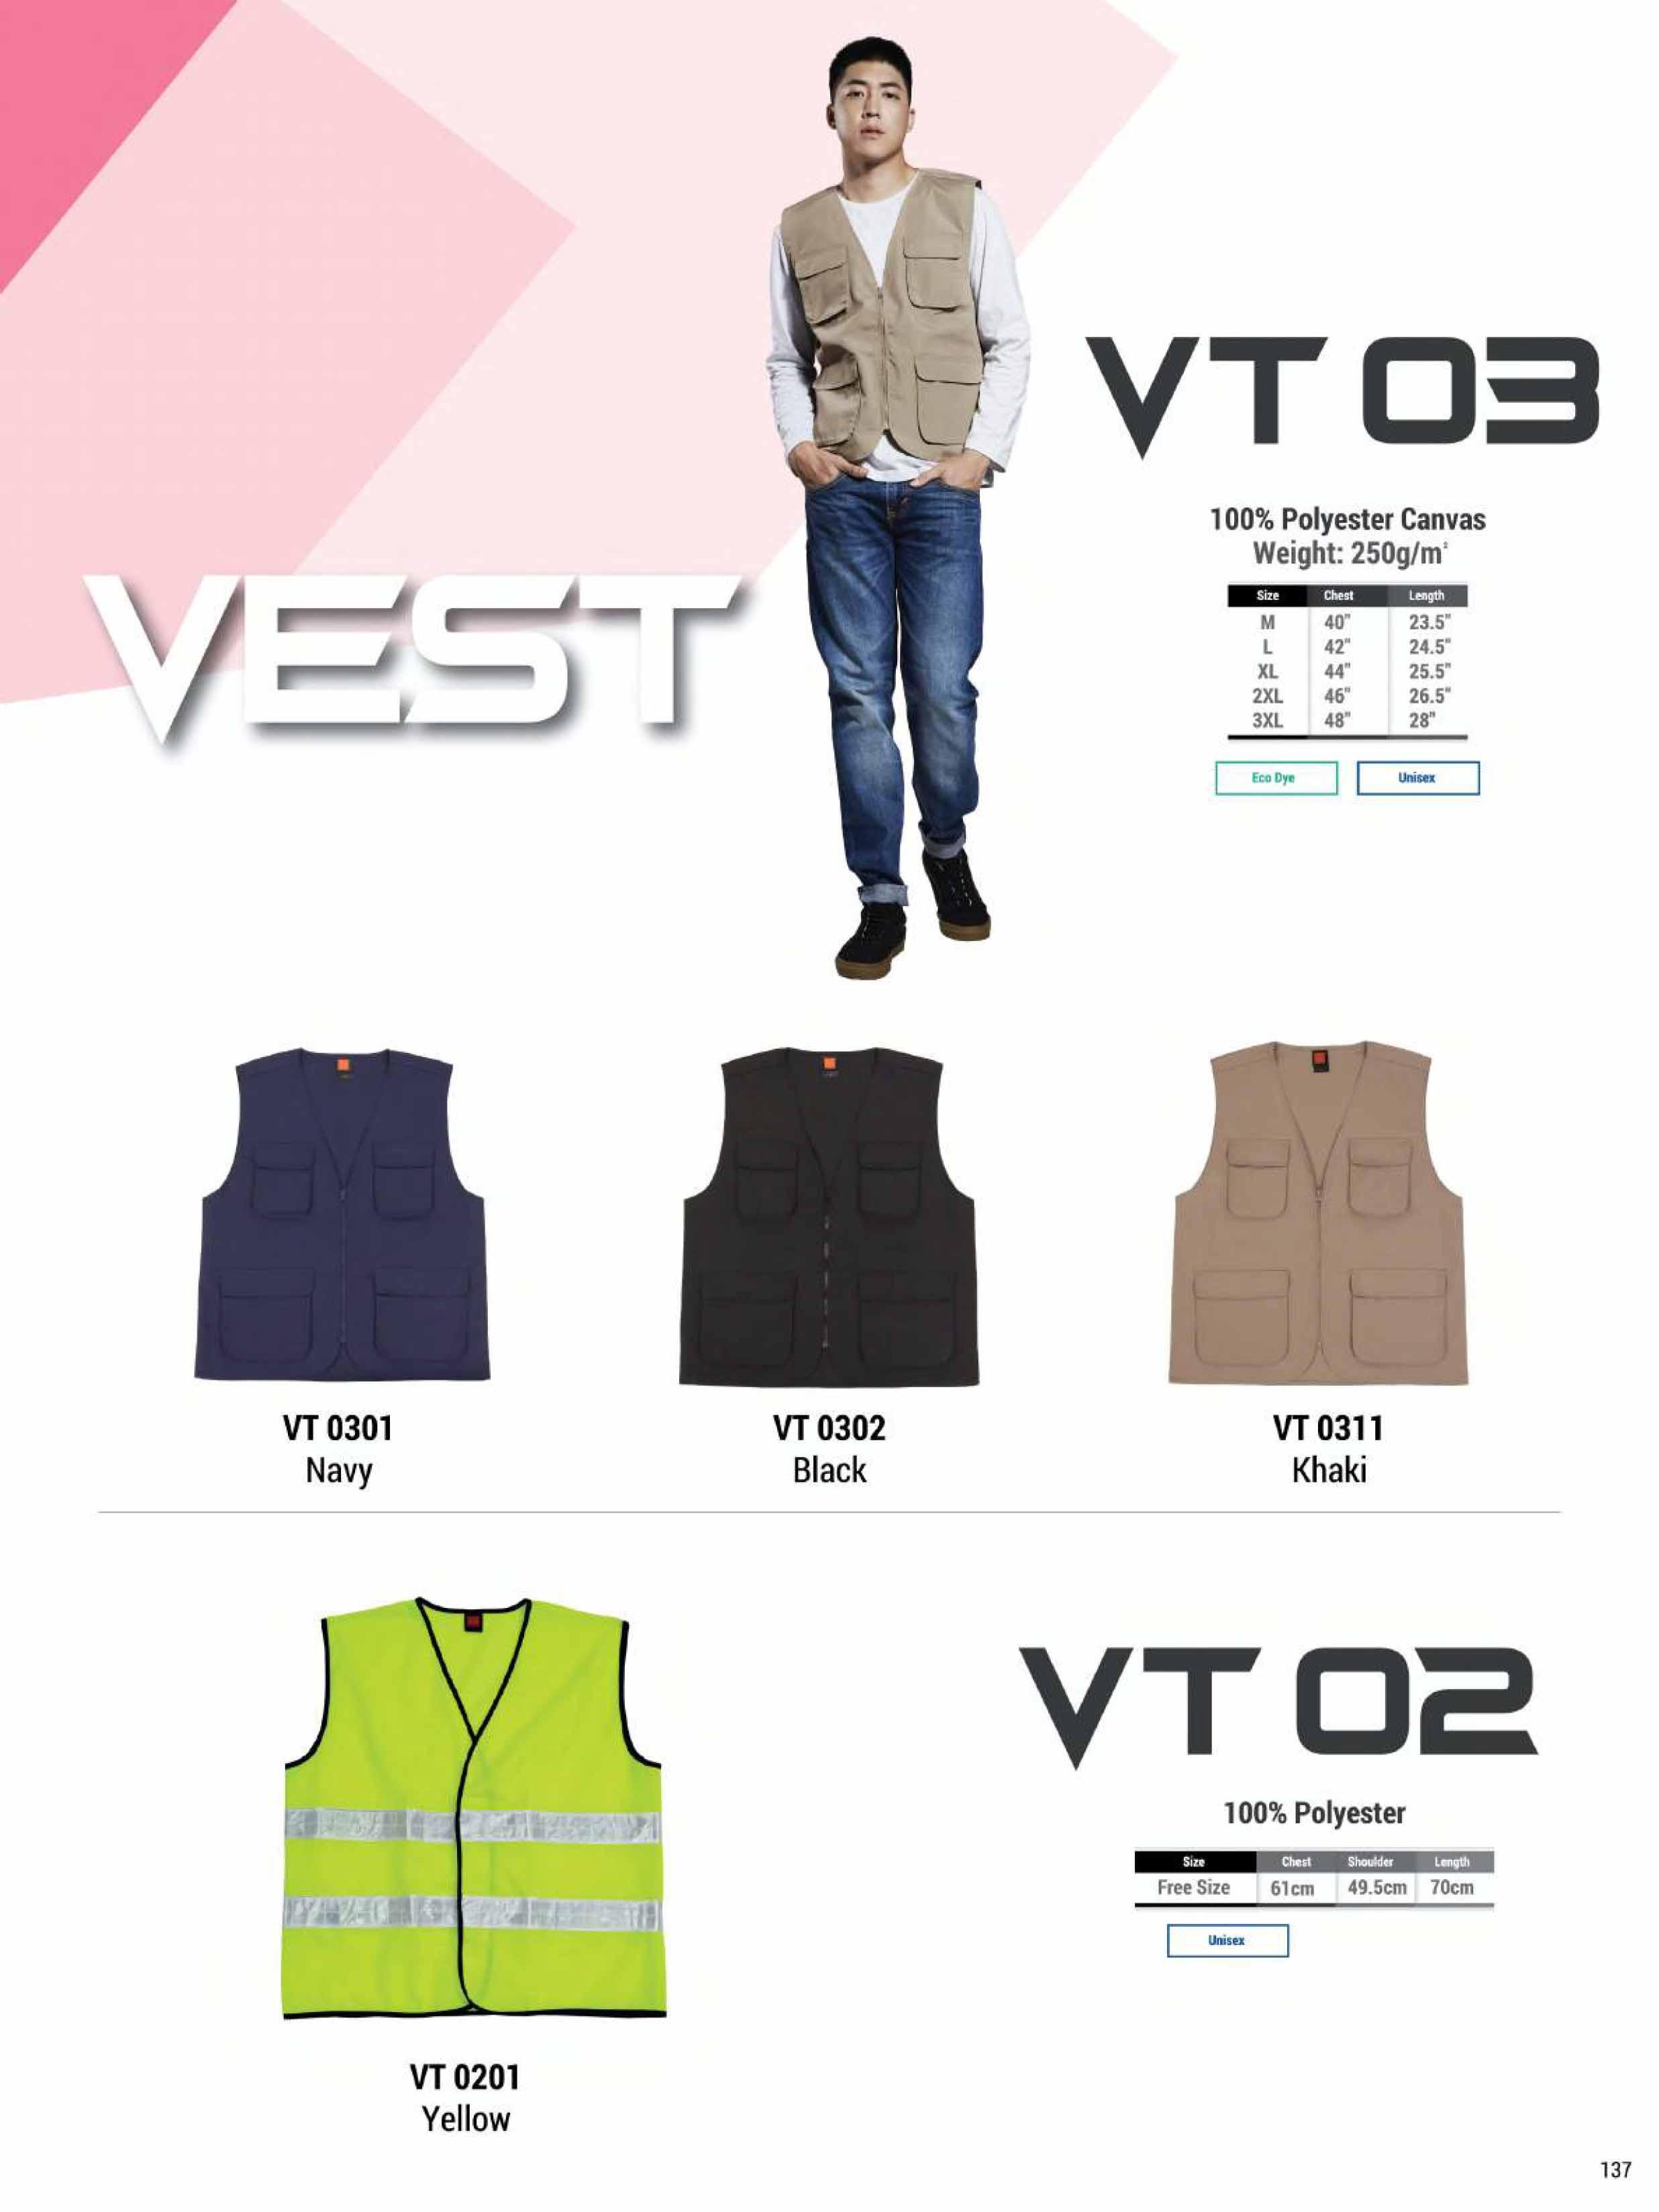 VT02 03 VEST